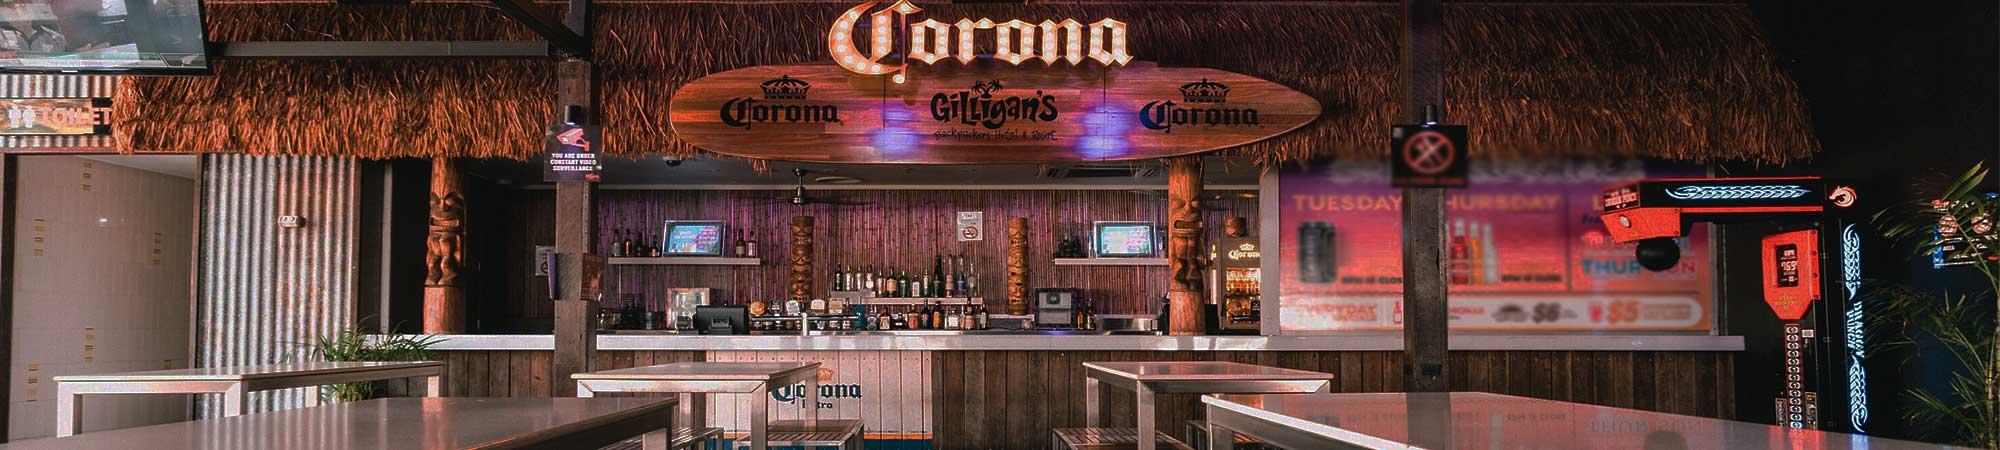 carona bar